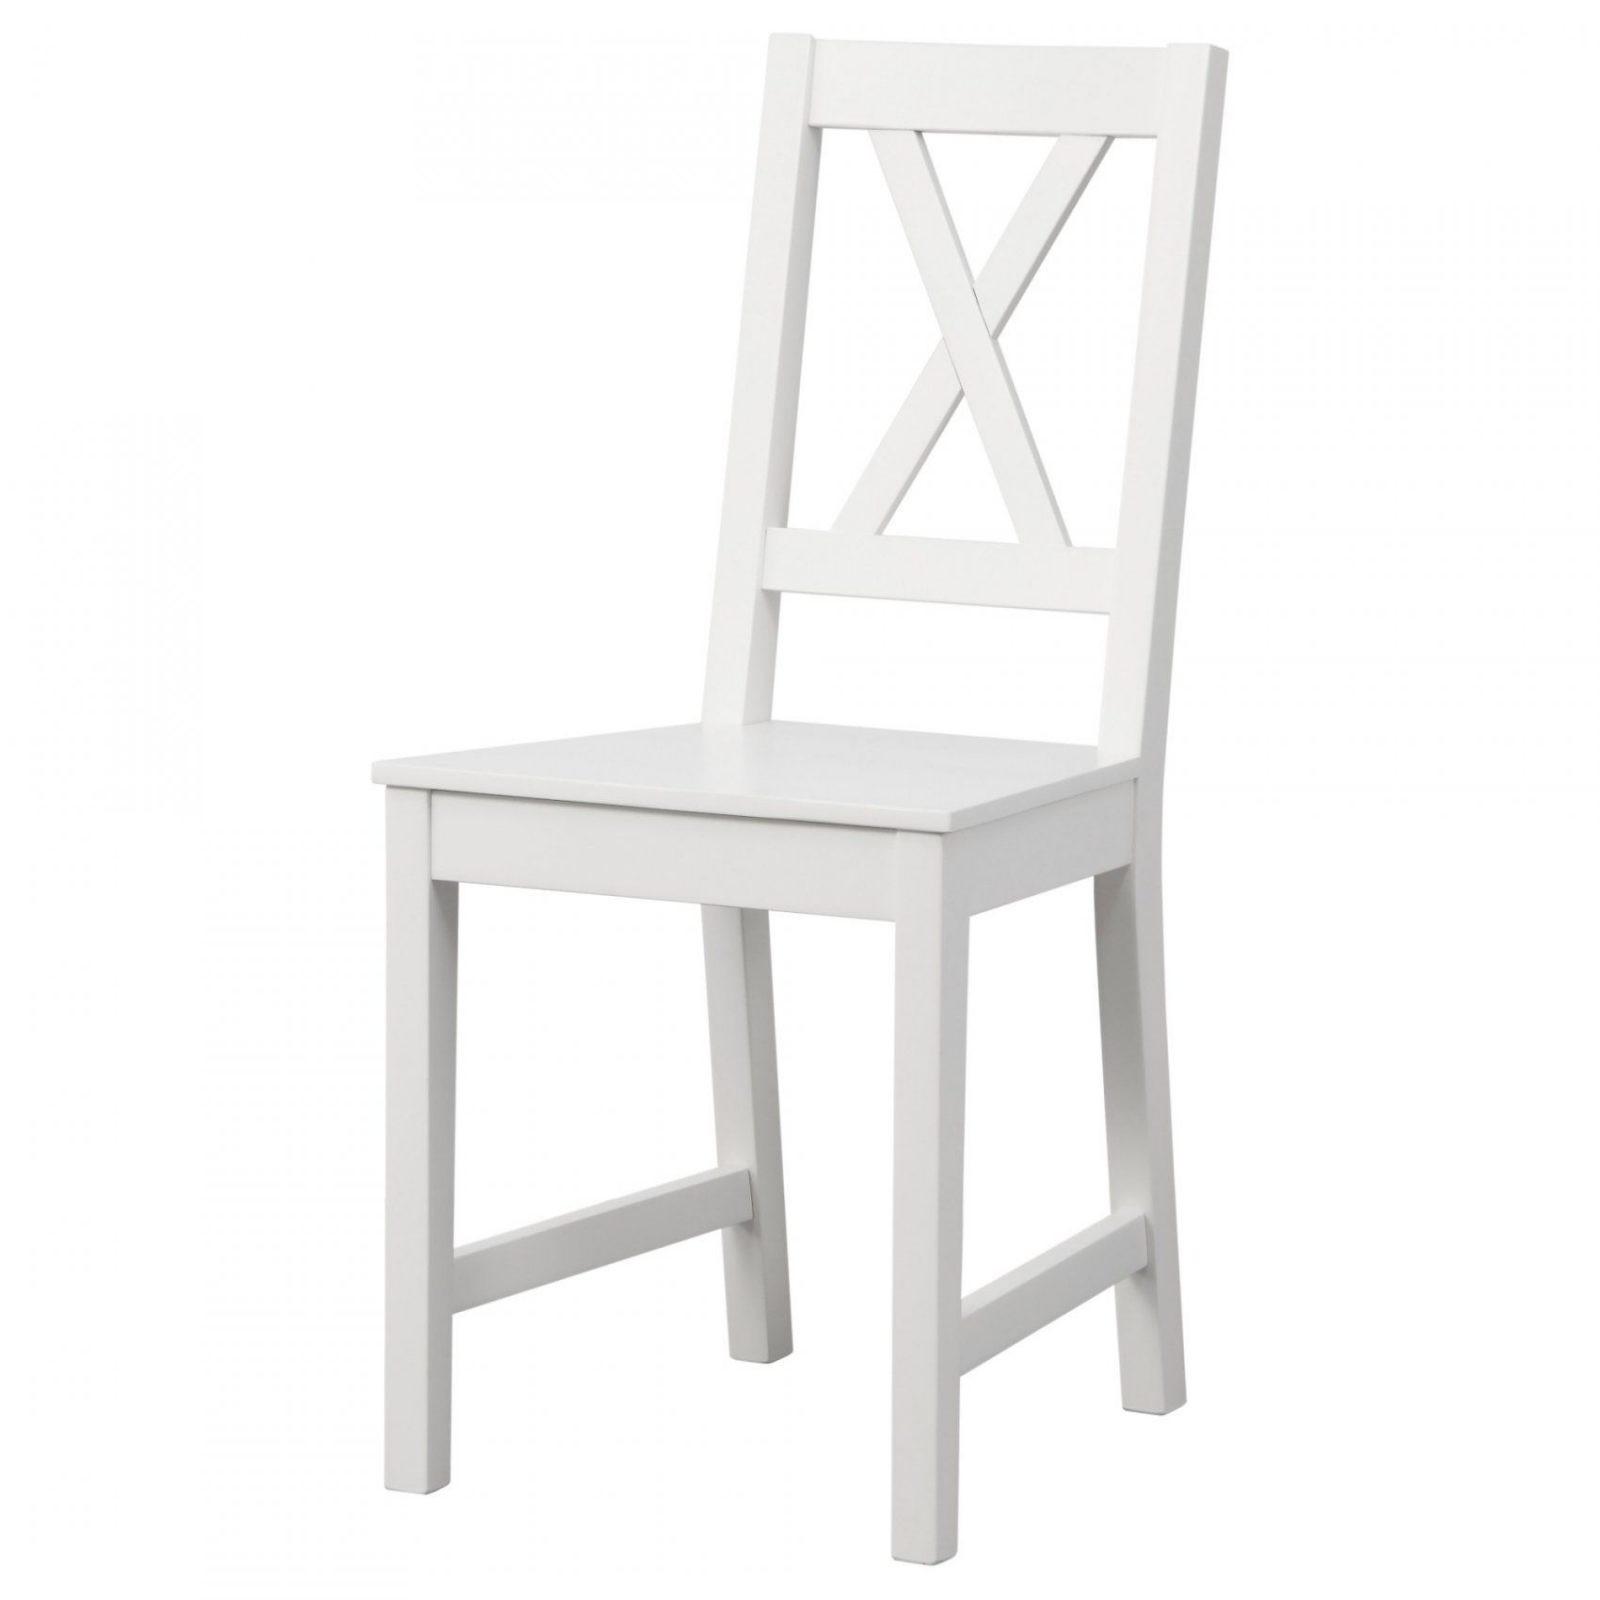 Stuhl Ikea Weiß  Möbel Ideen 2018 von Ikea Stühle Mit Armlehne Photo